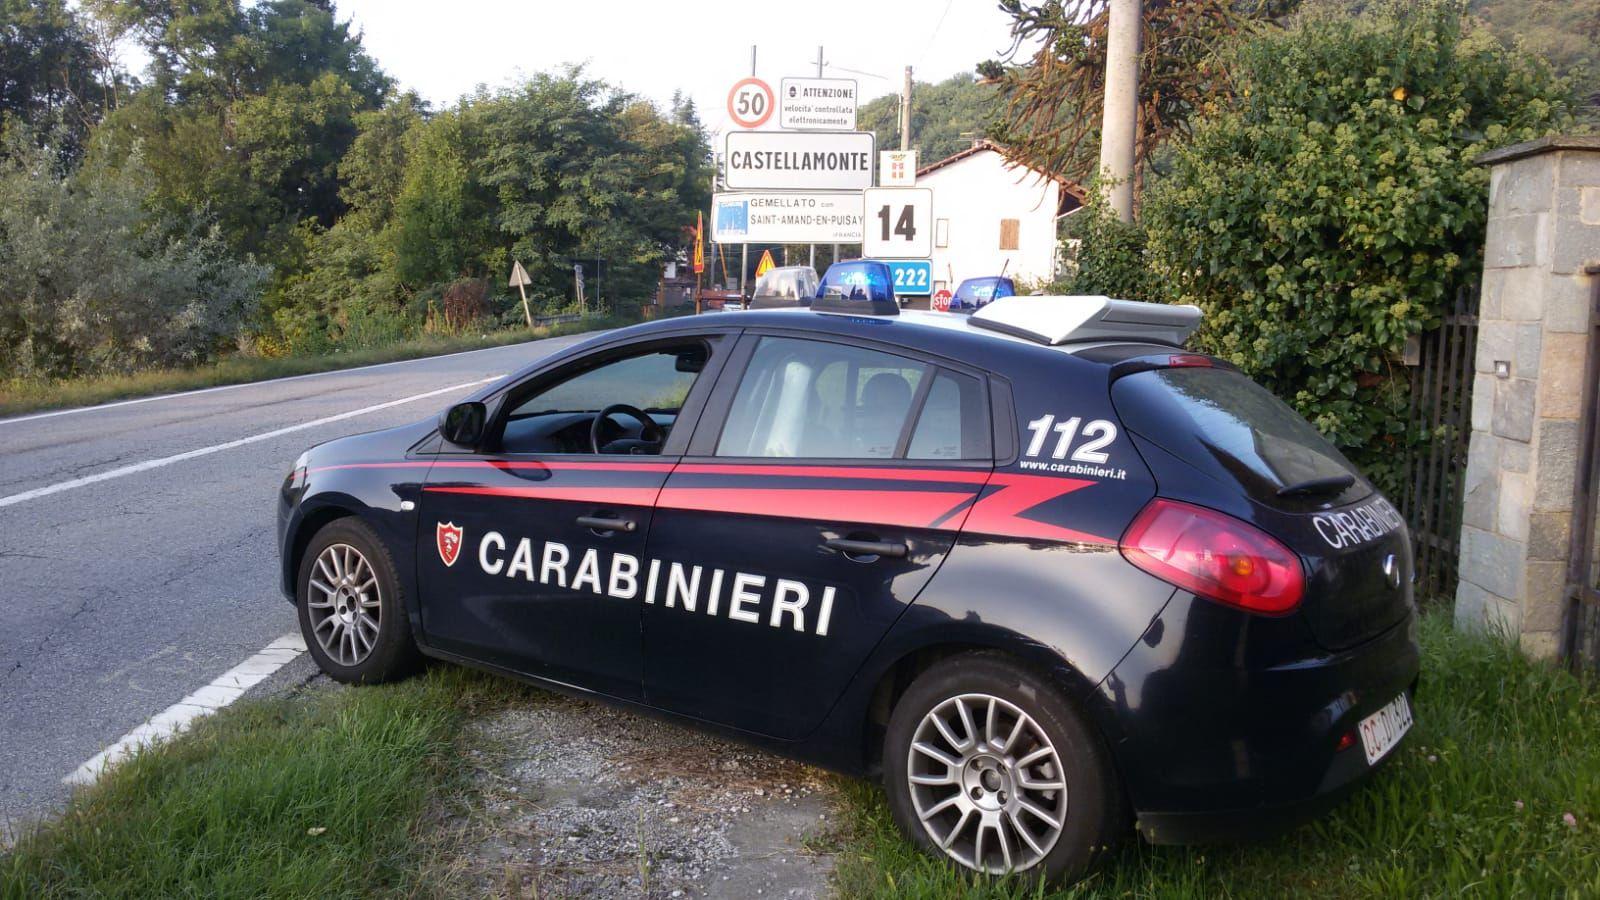 CASTELLAMONTE - Violenza sessuale su una minorenne: 50enne arrestato dai carabinieri dopo la condanna in tribunale